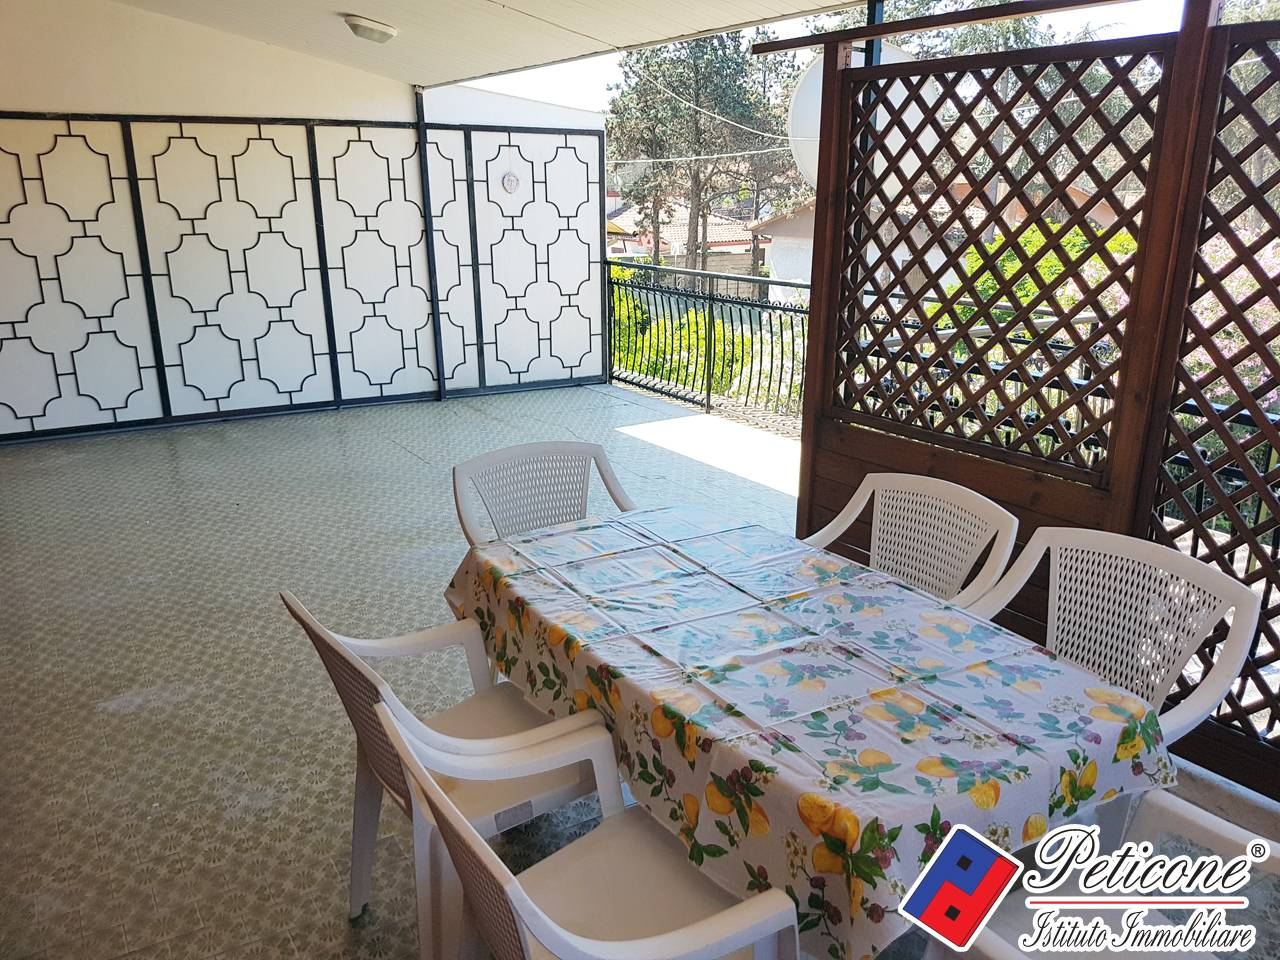 Appartamento in vendita a Fondi, 4 locali, zona Località: capratica, prezzo € 129.000 | PortaleAgenzieImmobiliari.it